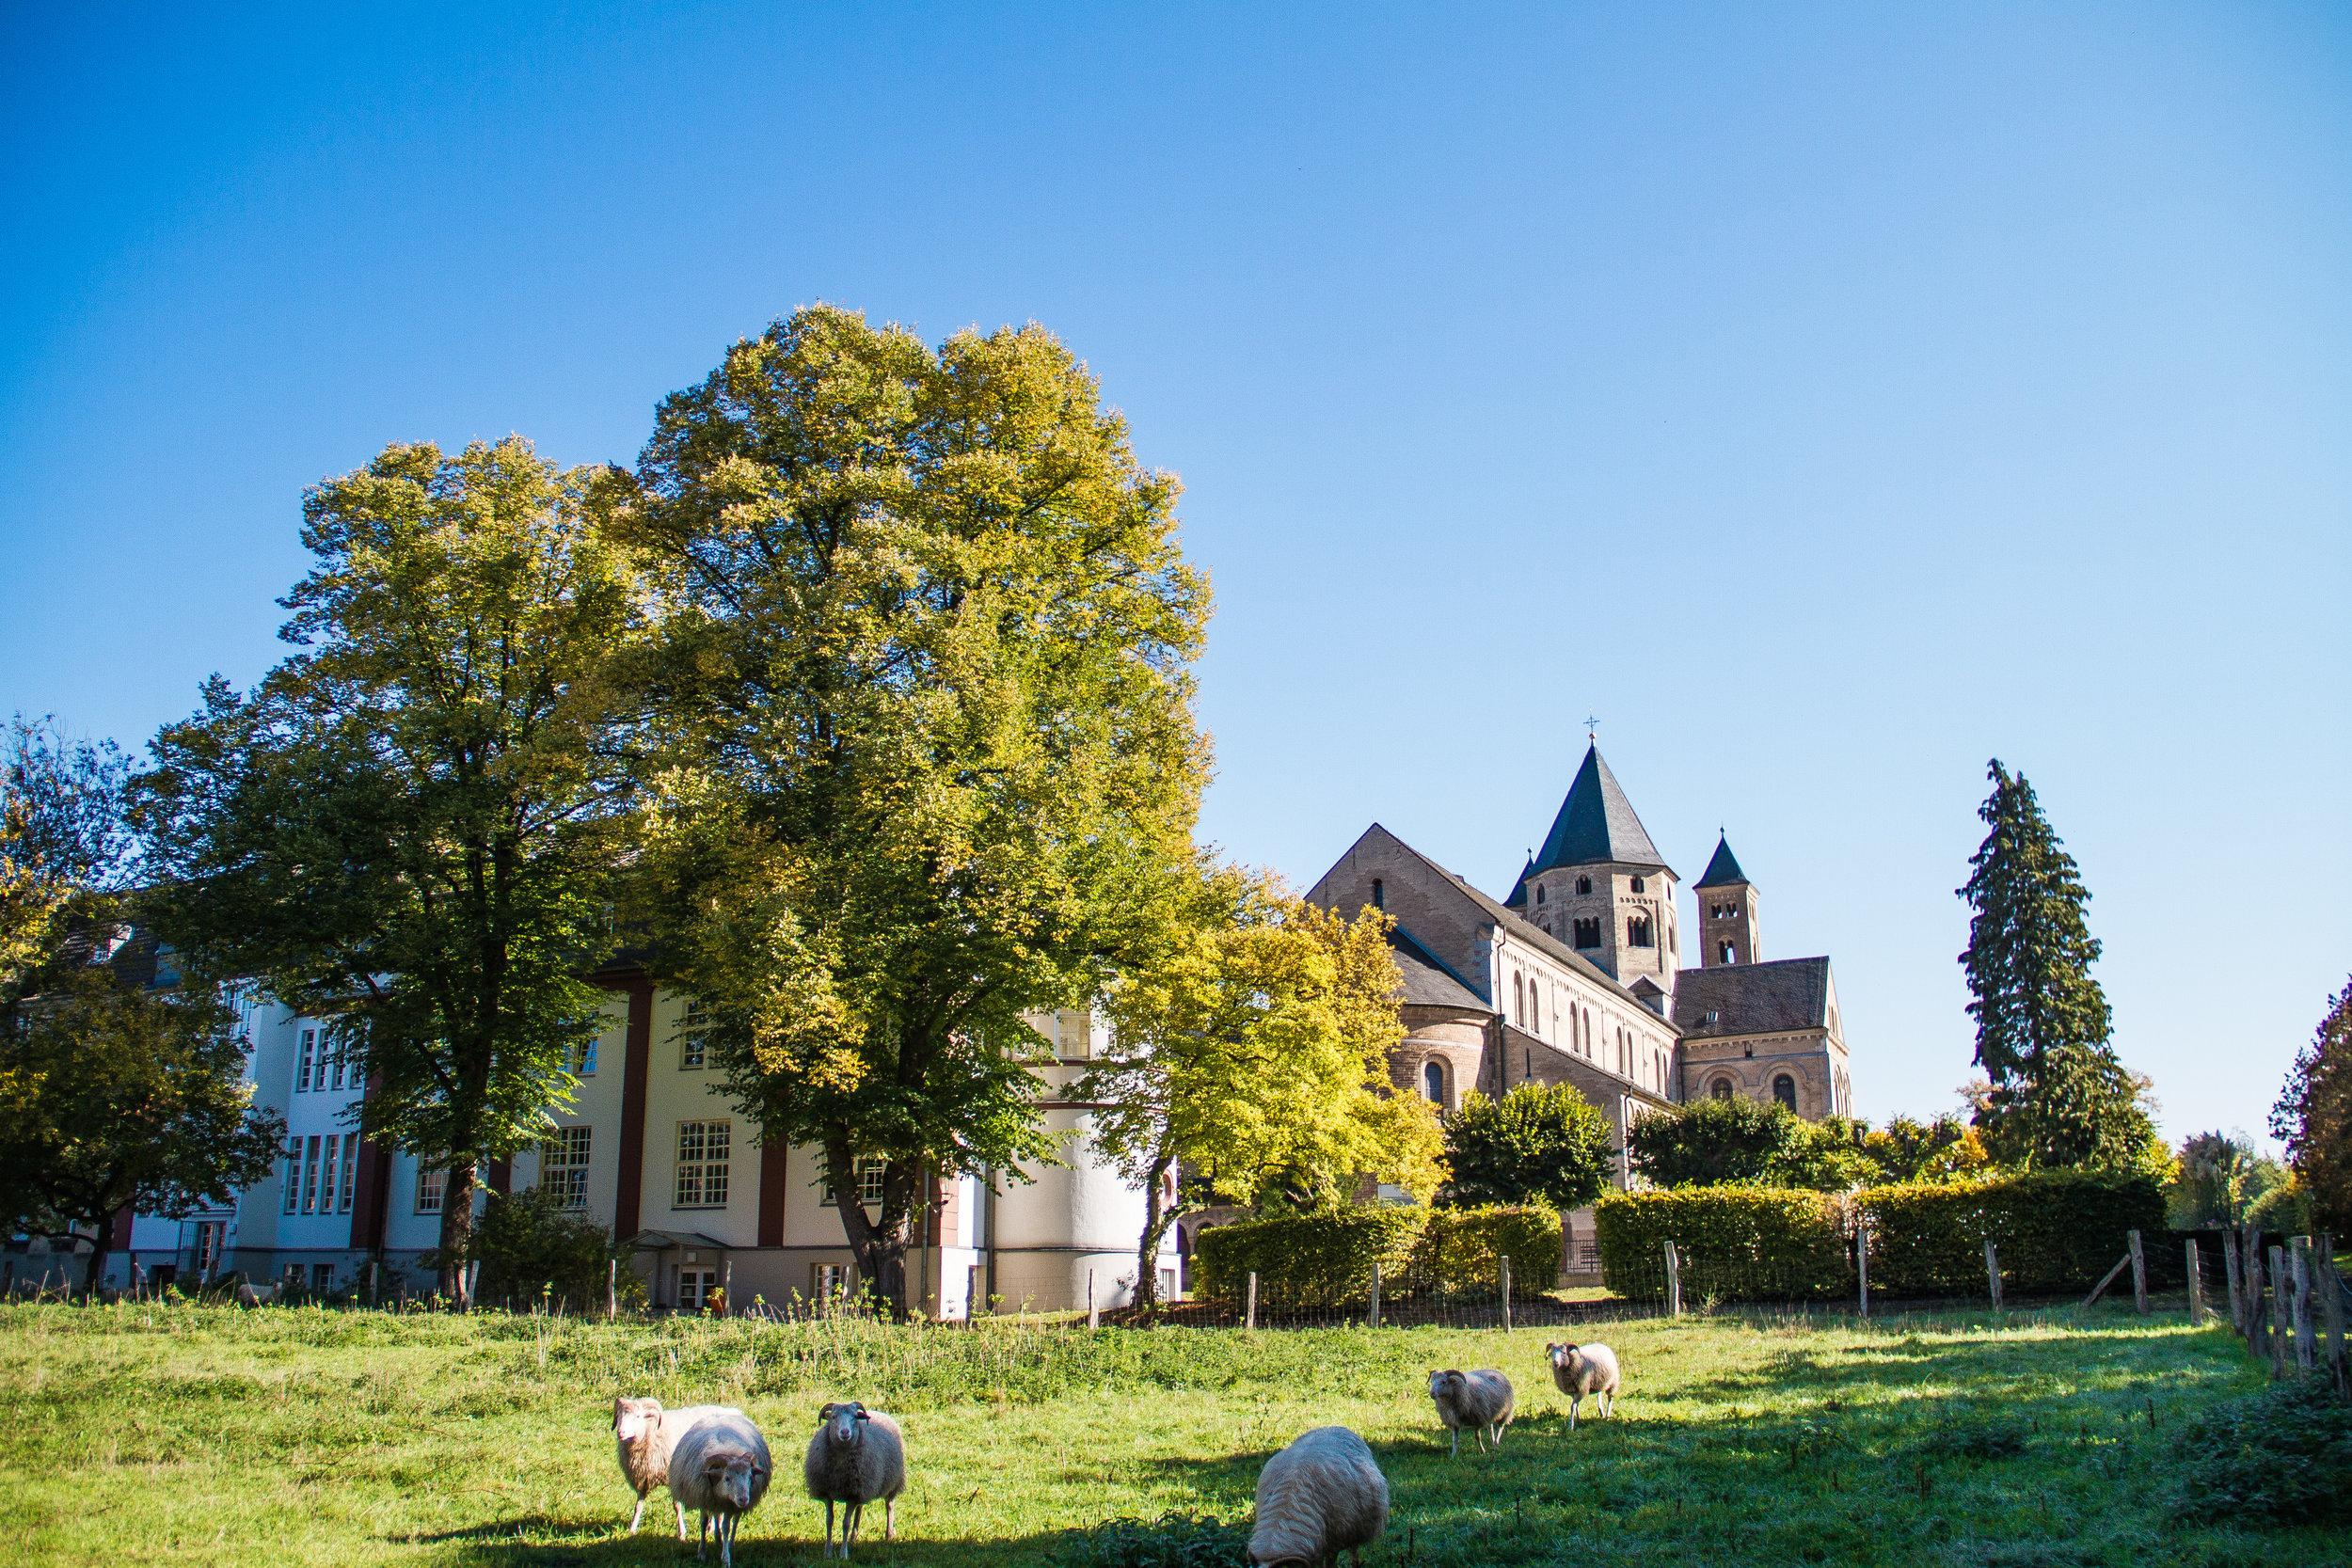 ZVA Akademie der Augenoptik Dormagen Kloster Knechtsteden